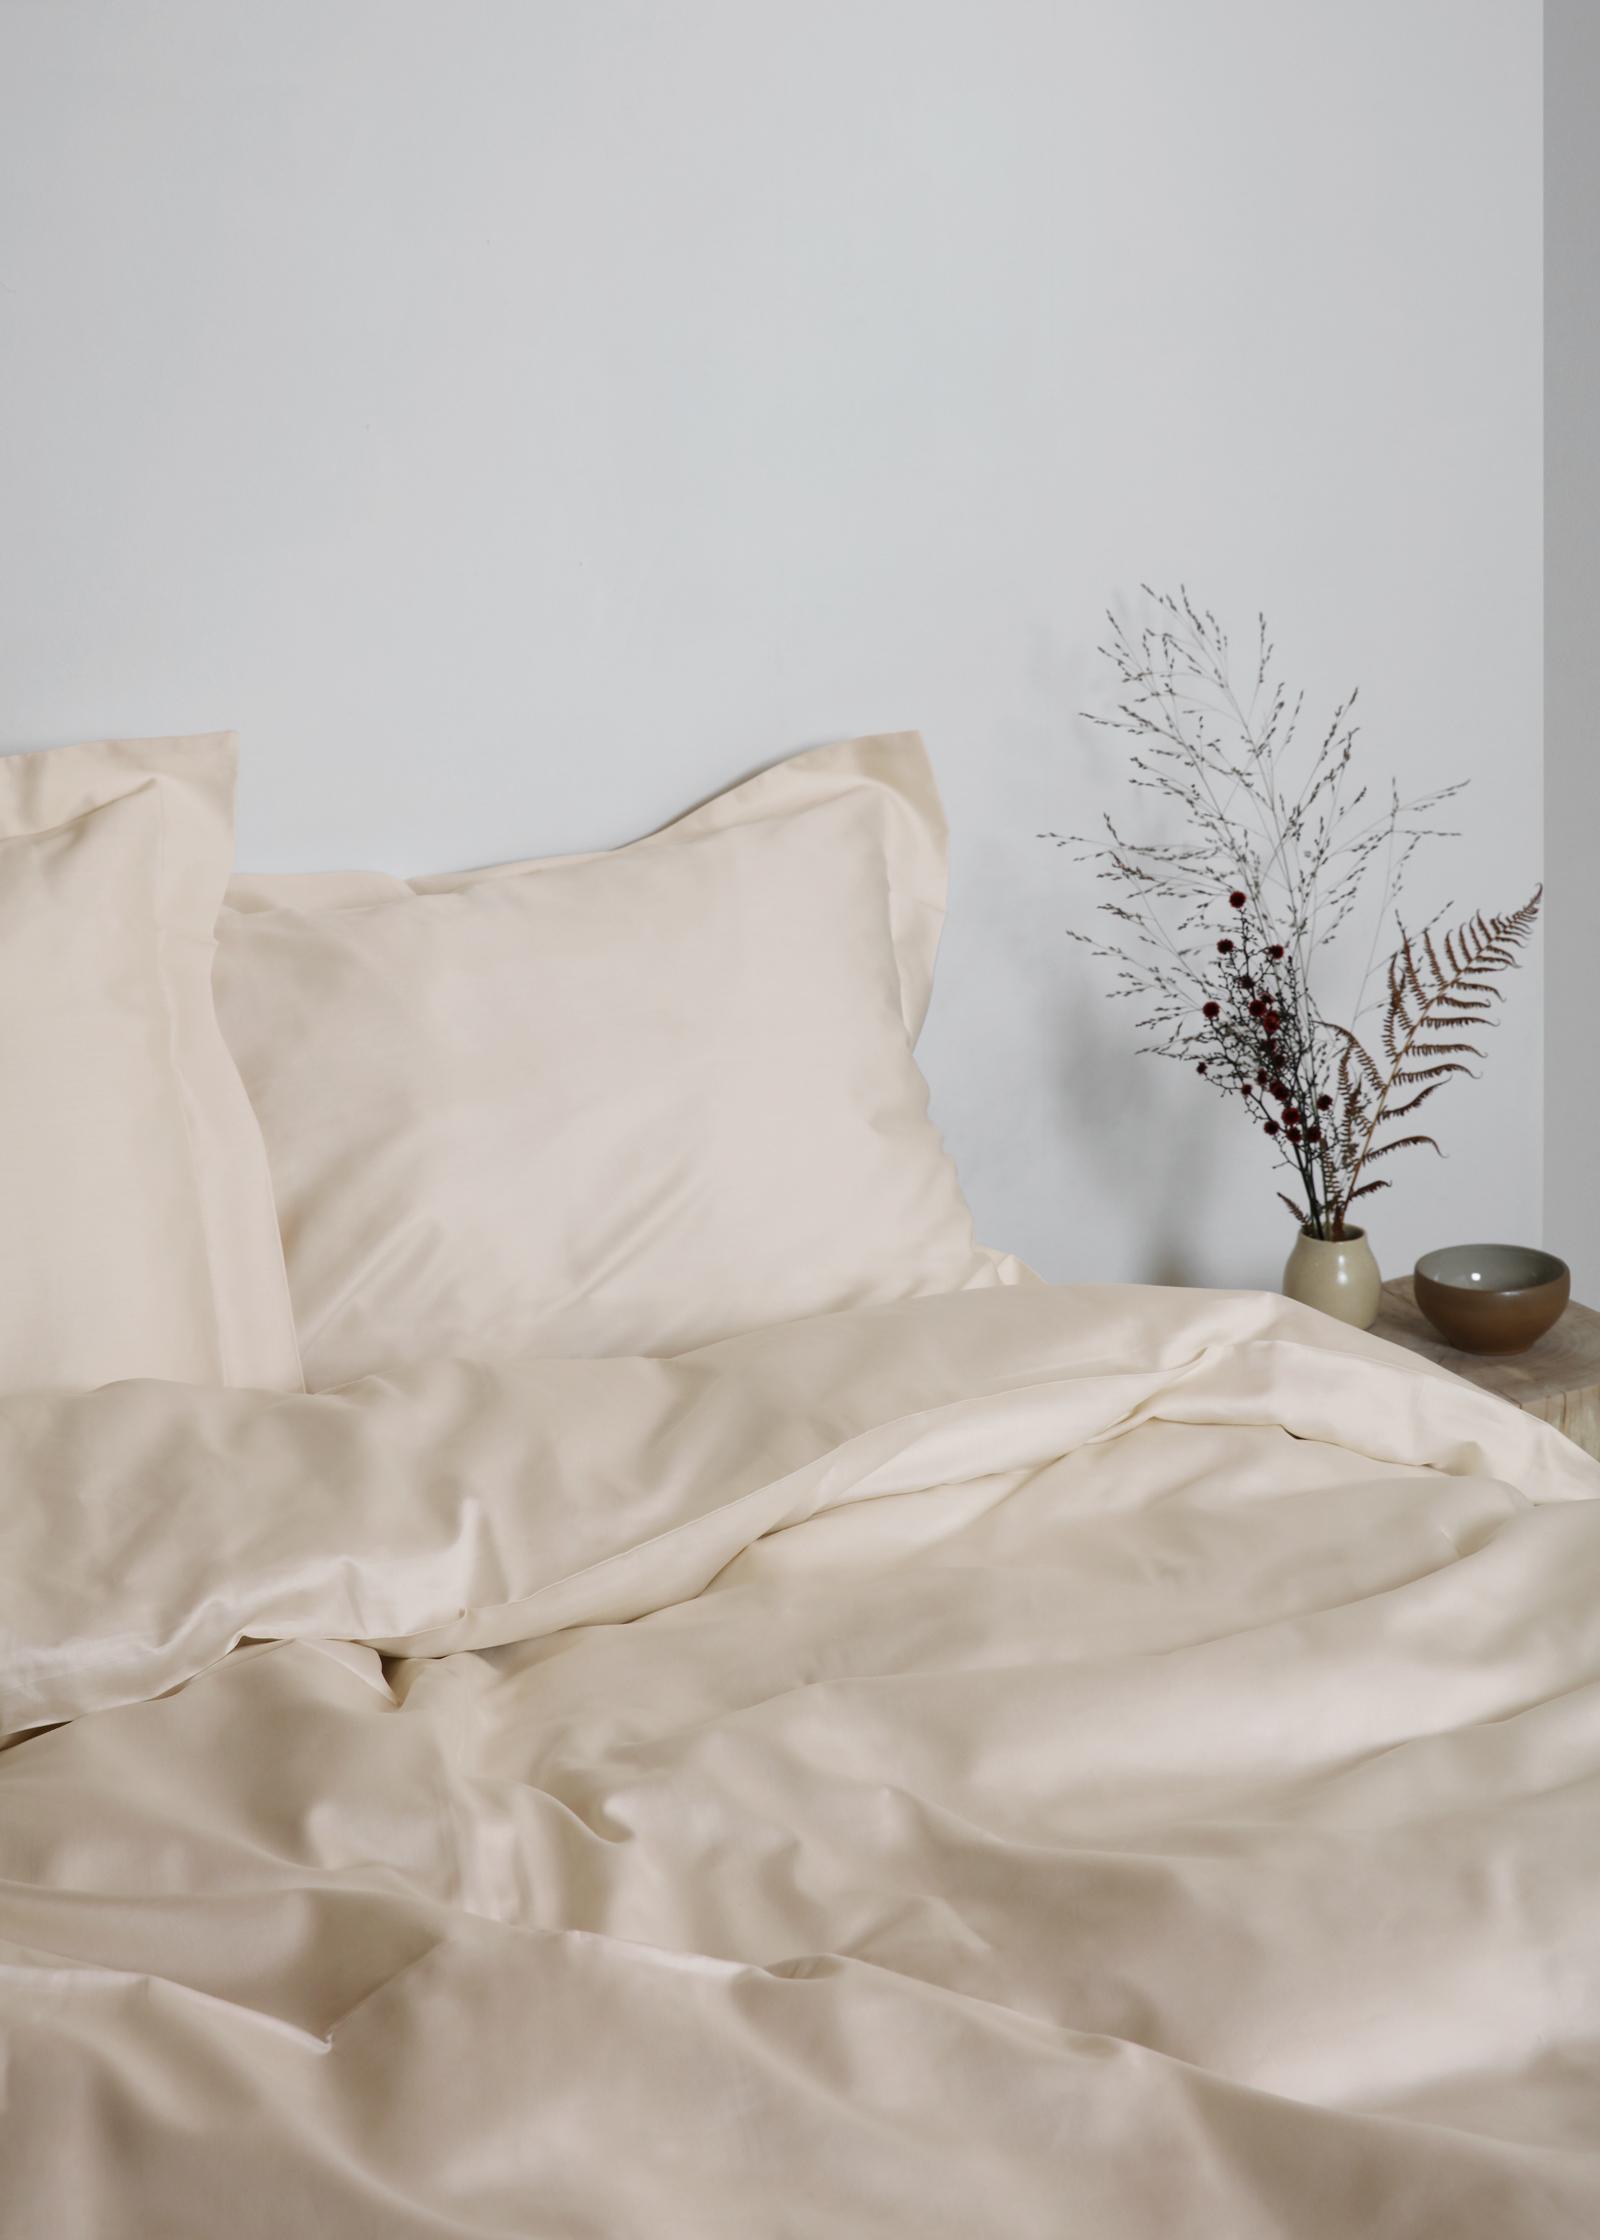 Gastaldi Raso Italienskt sänglinne, Klässbols Linneväveri kuddvar cereme